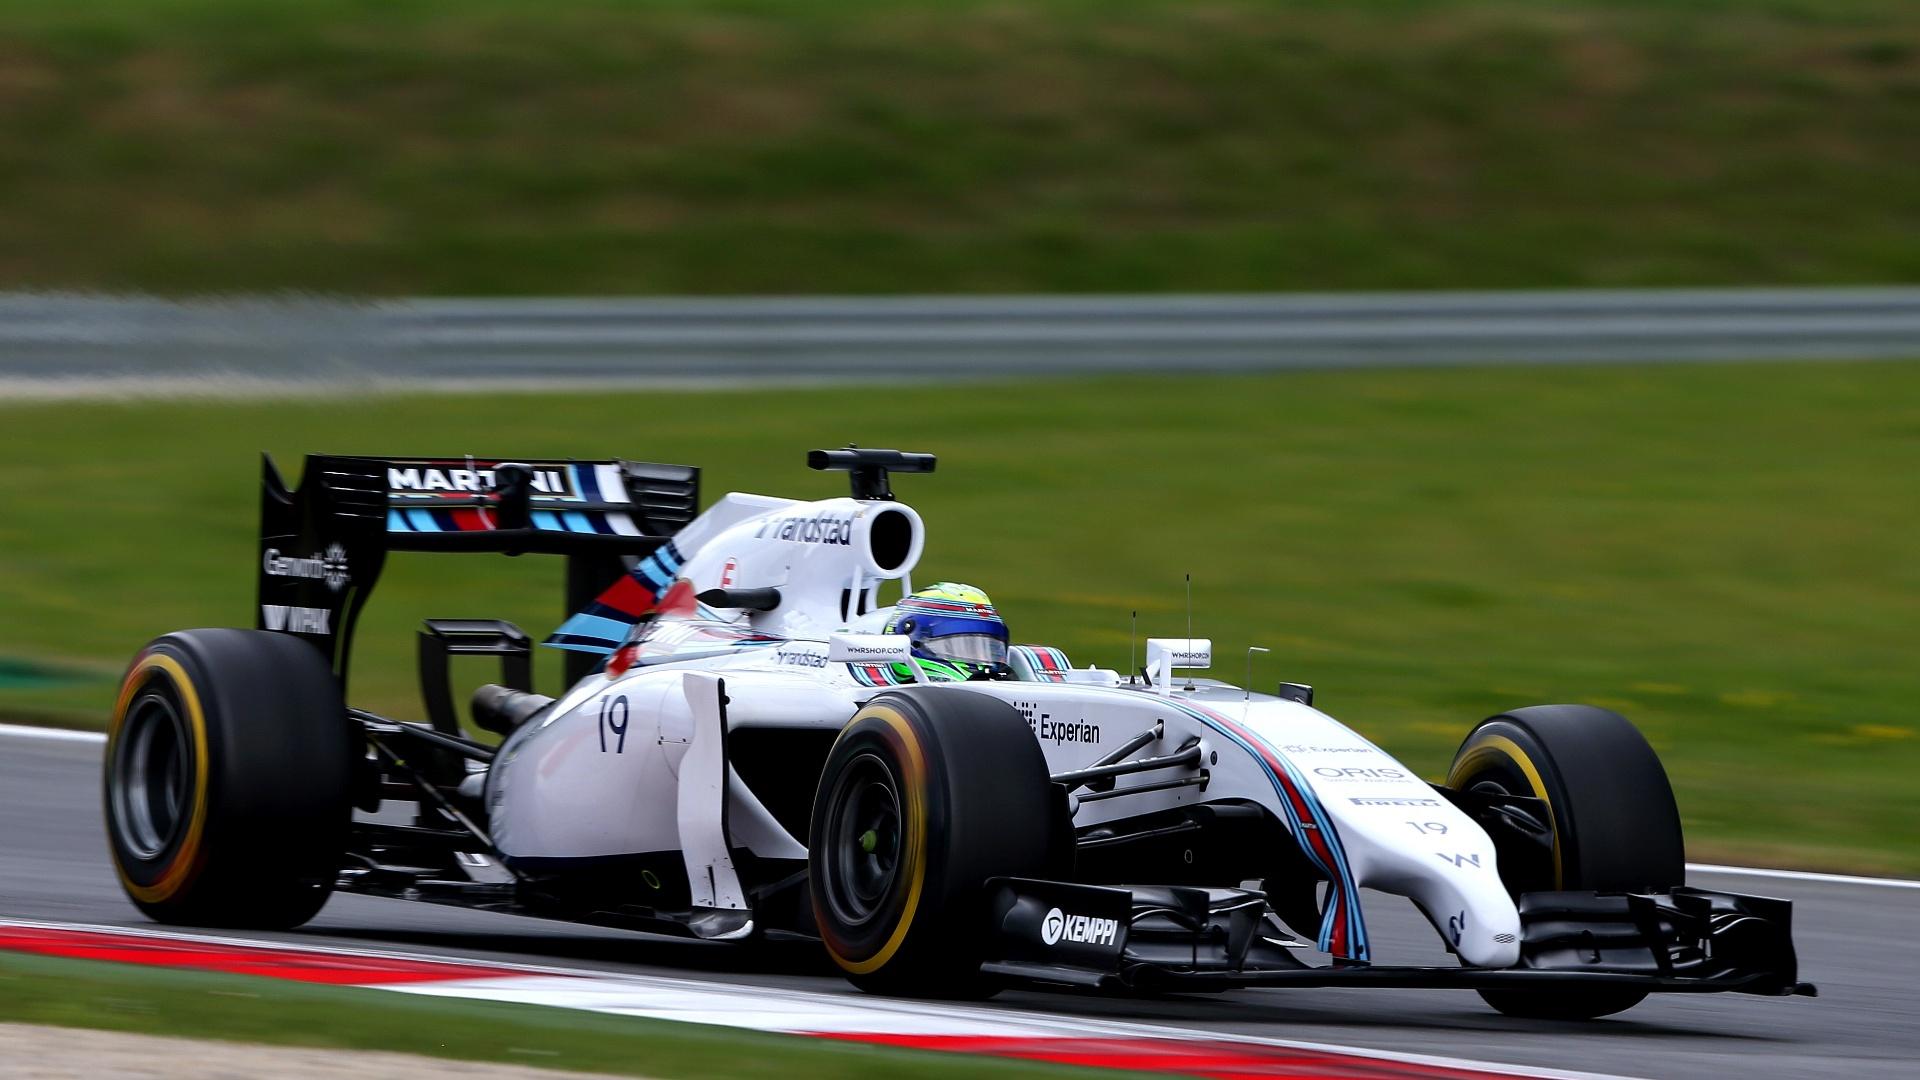 Felipe Massa, da Willians, teve bom desempenho no primeiro treinamento no GP da Áustria e terminou na quarta colocação